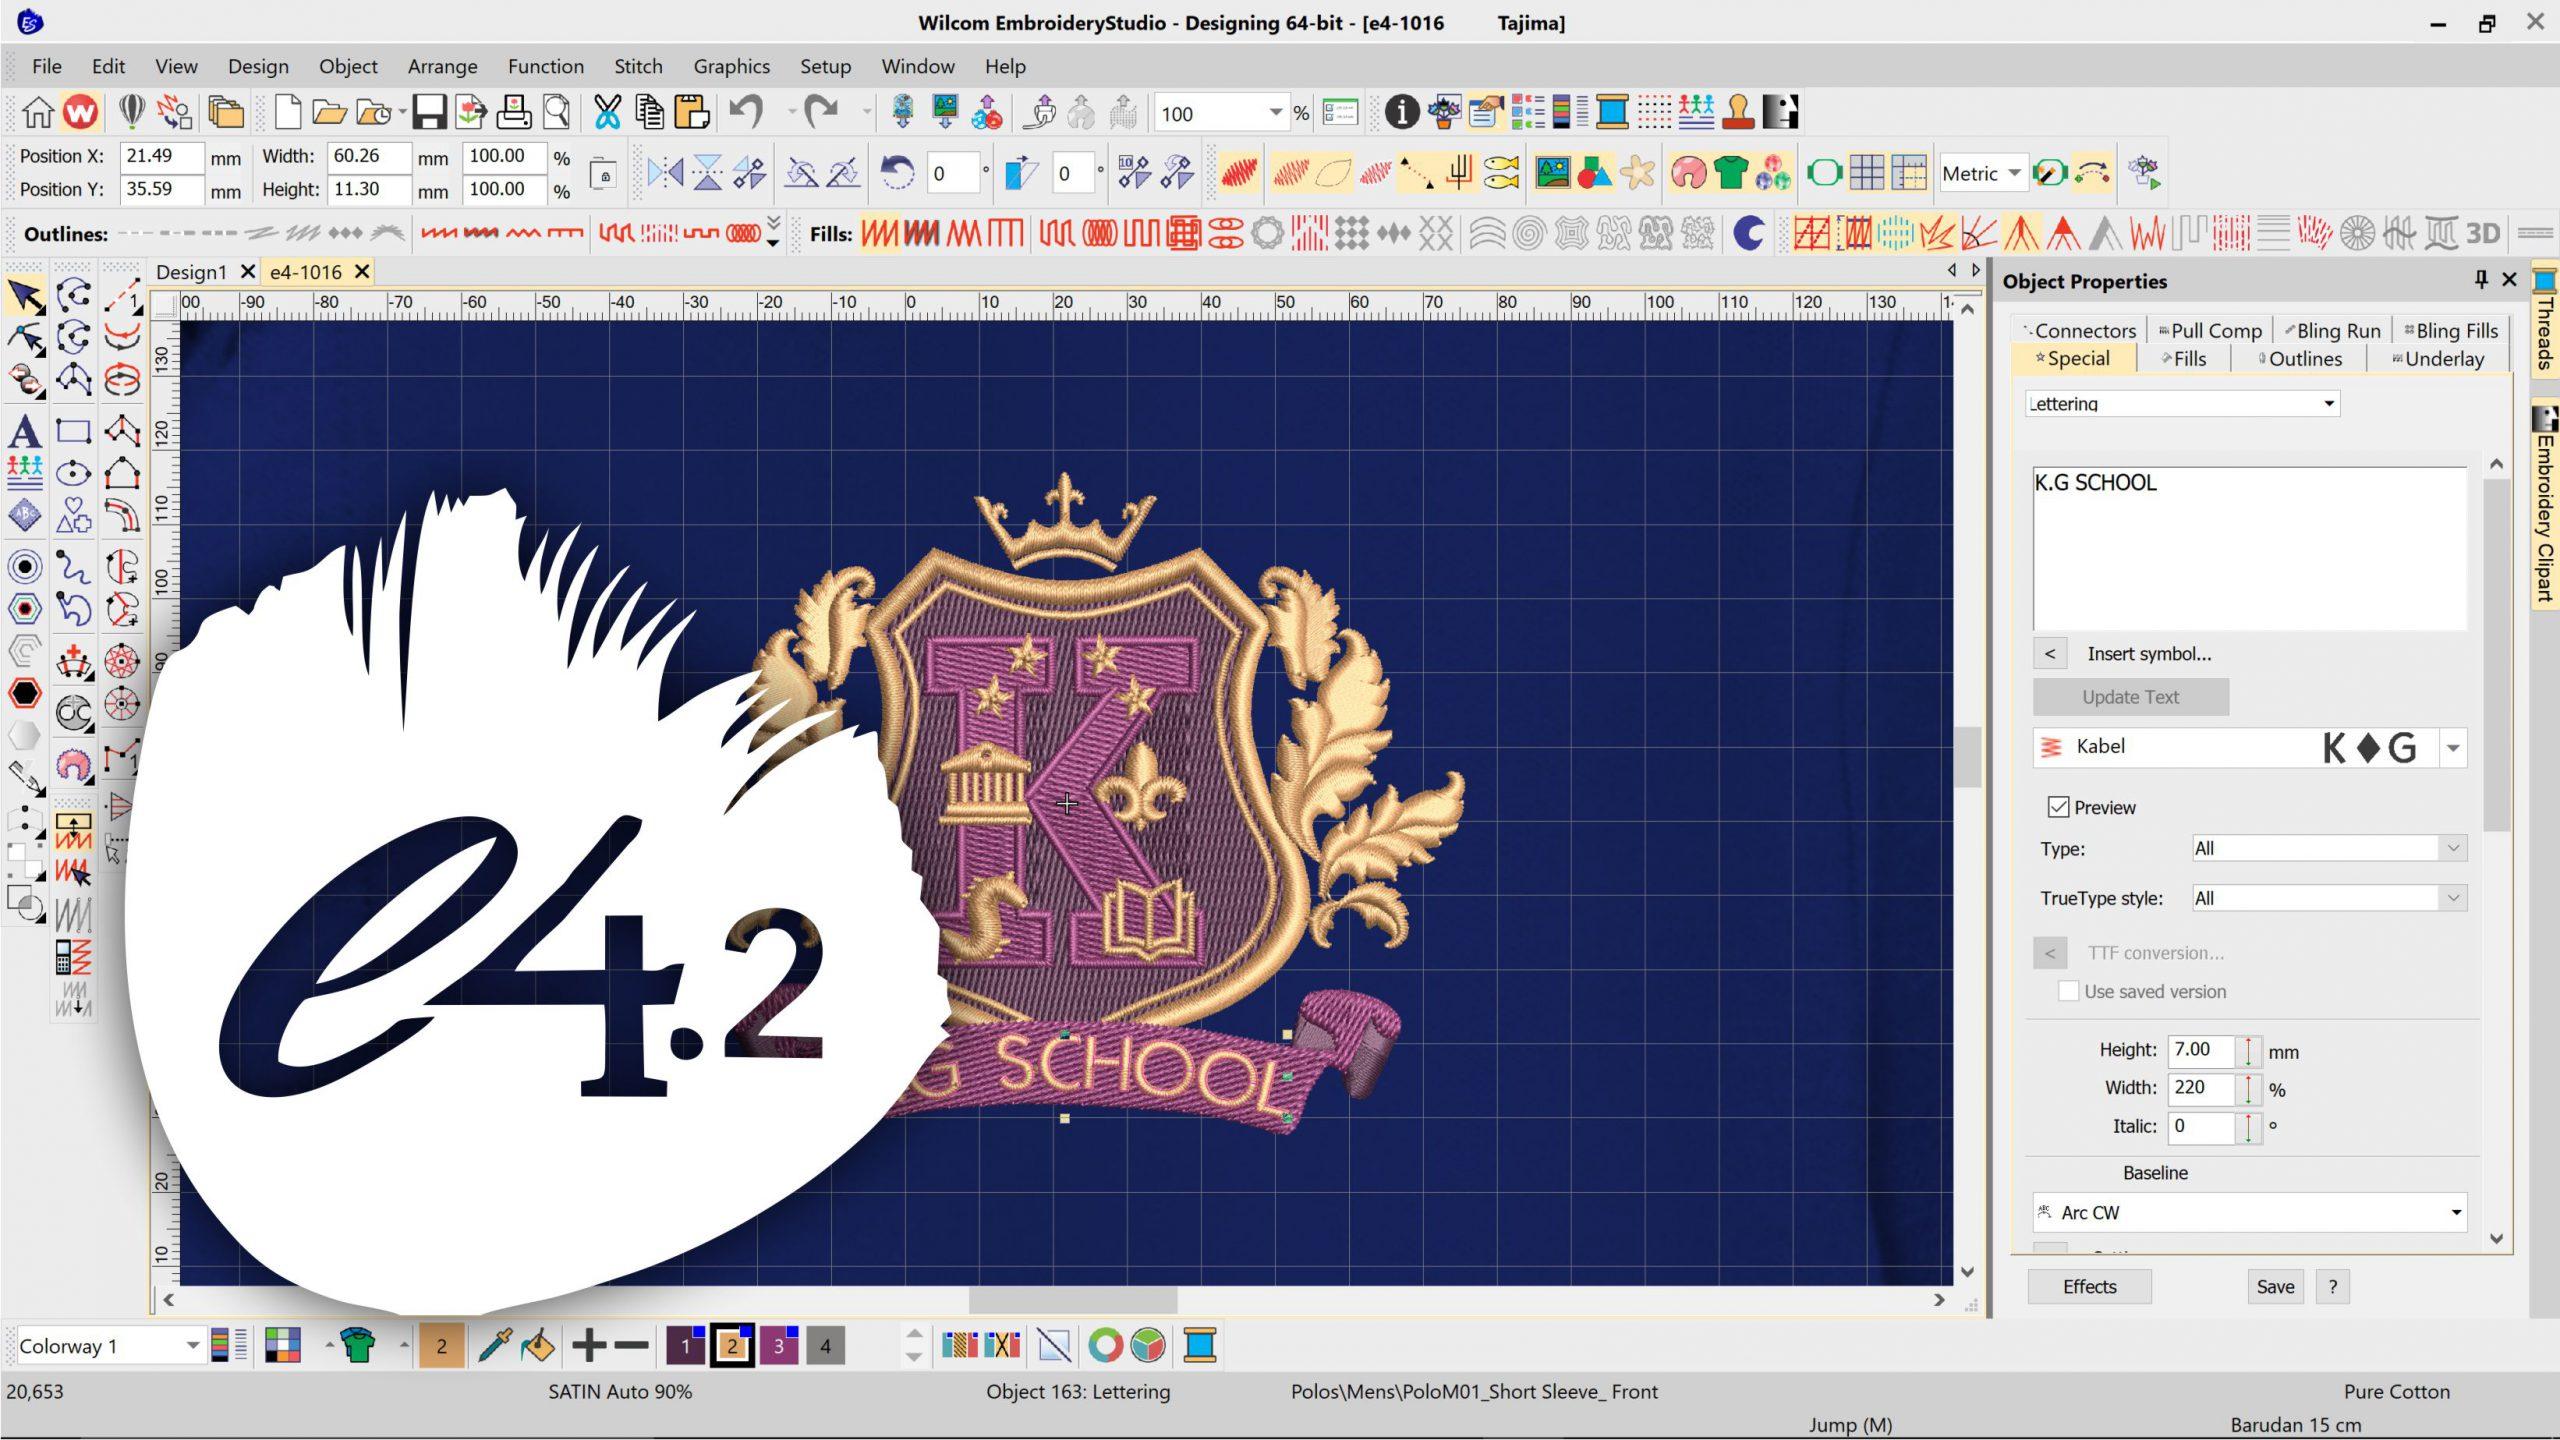 Wilcom Embroidery Studio E4.2 Full Version Cracked – NewFullSoft